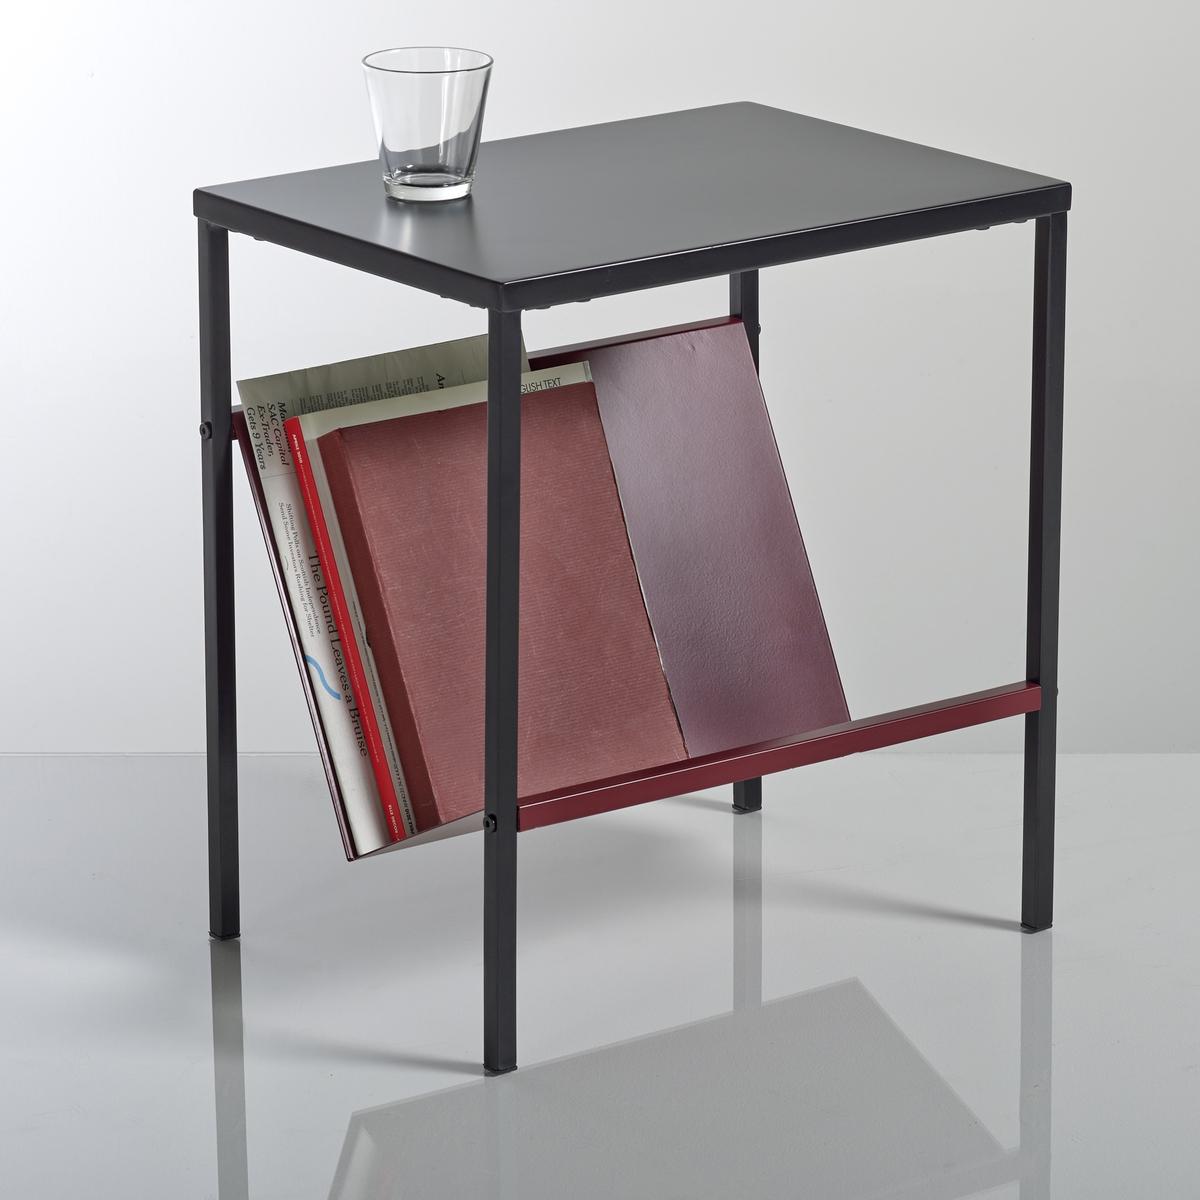 Столик диванный (журнальный, прикроватный), Kuri